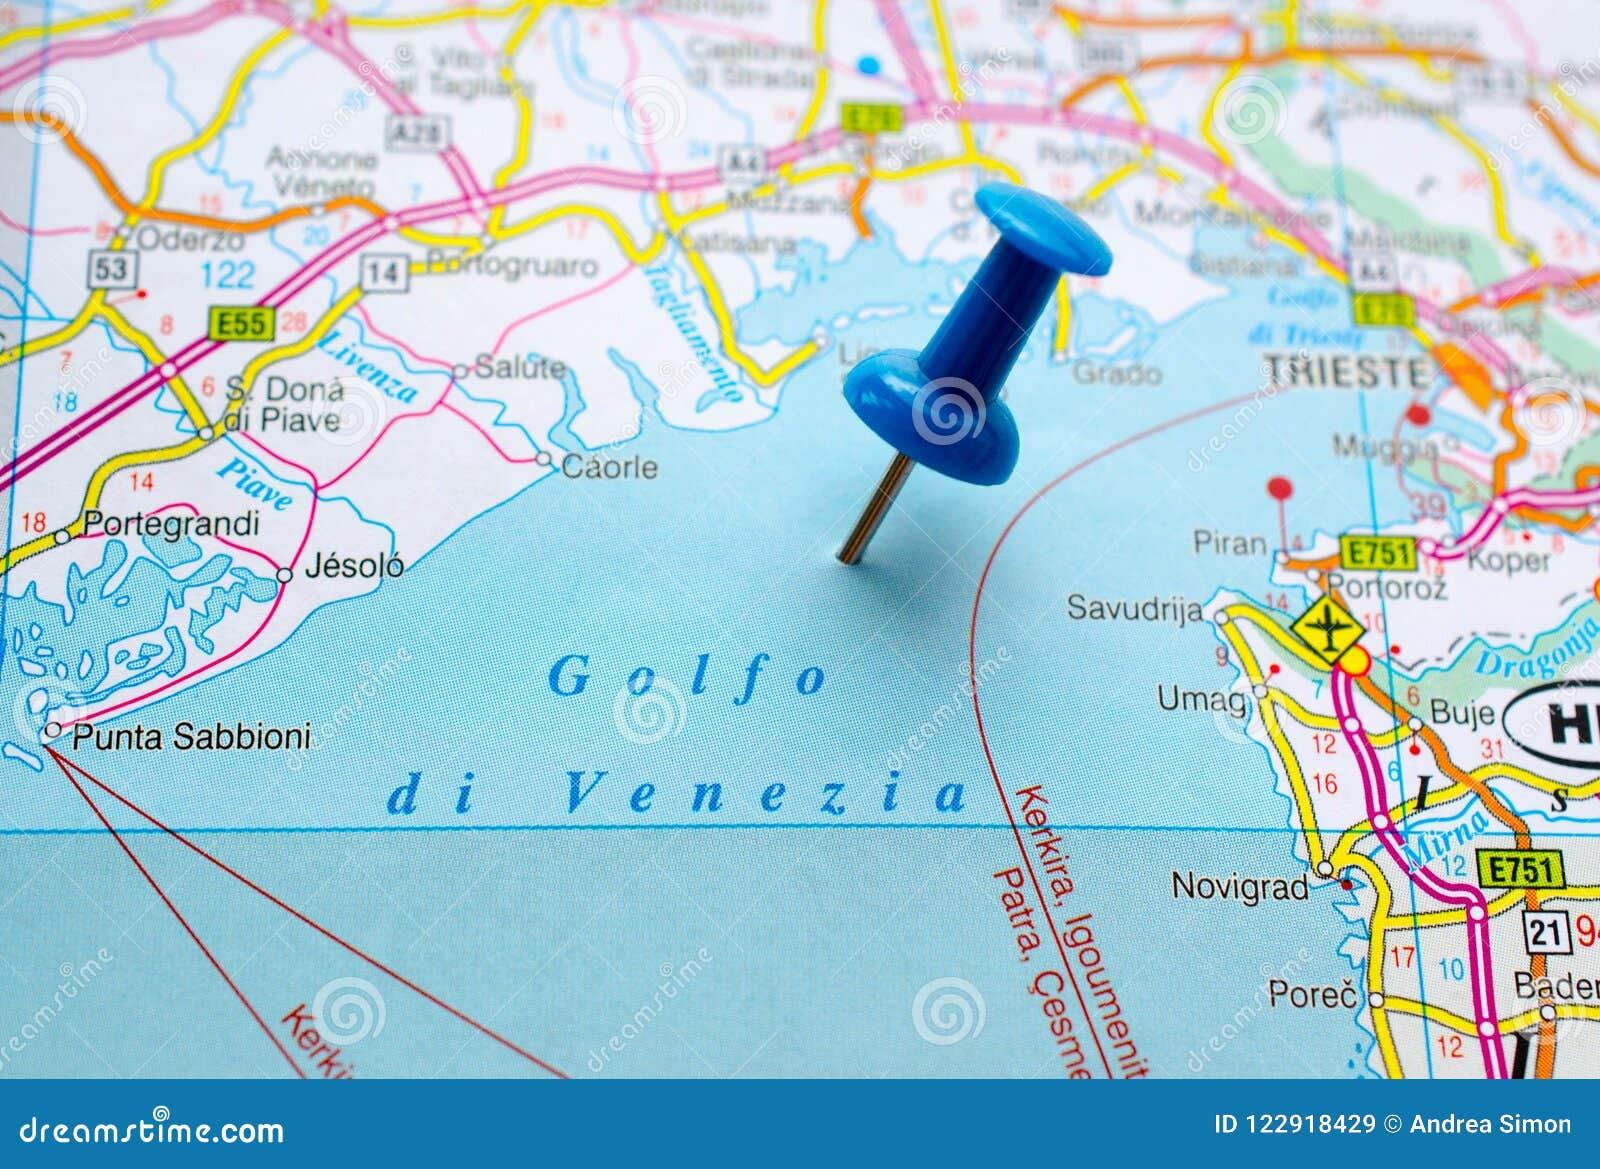 Venedig Karte.Golf Von Venedig Auf Karte Stockbild Bild Von Geographie